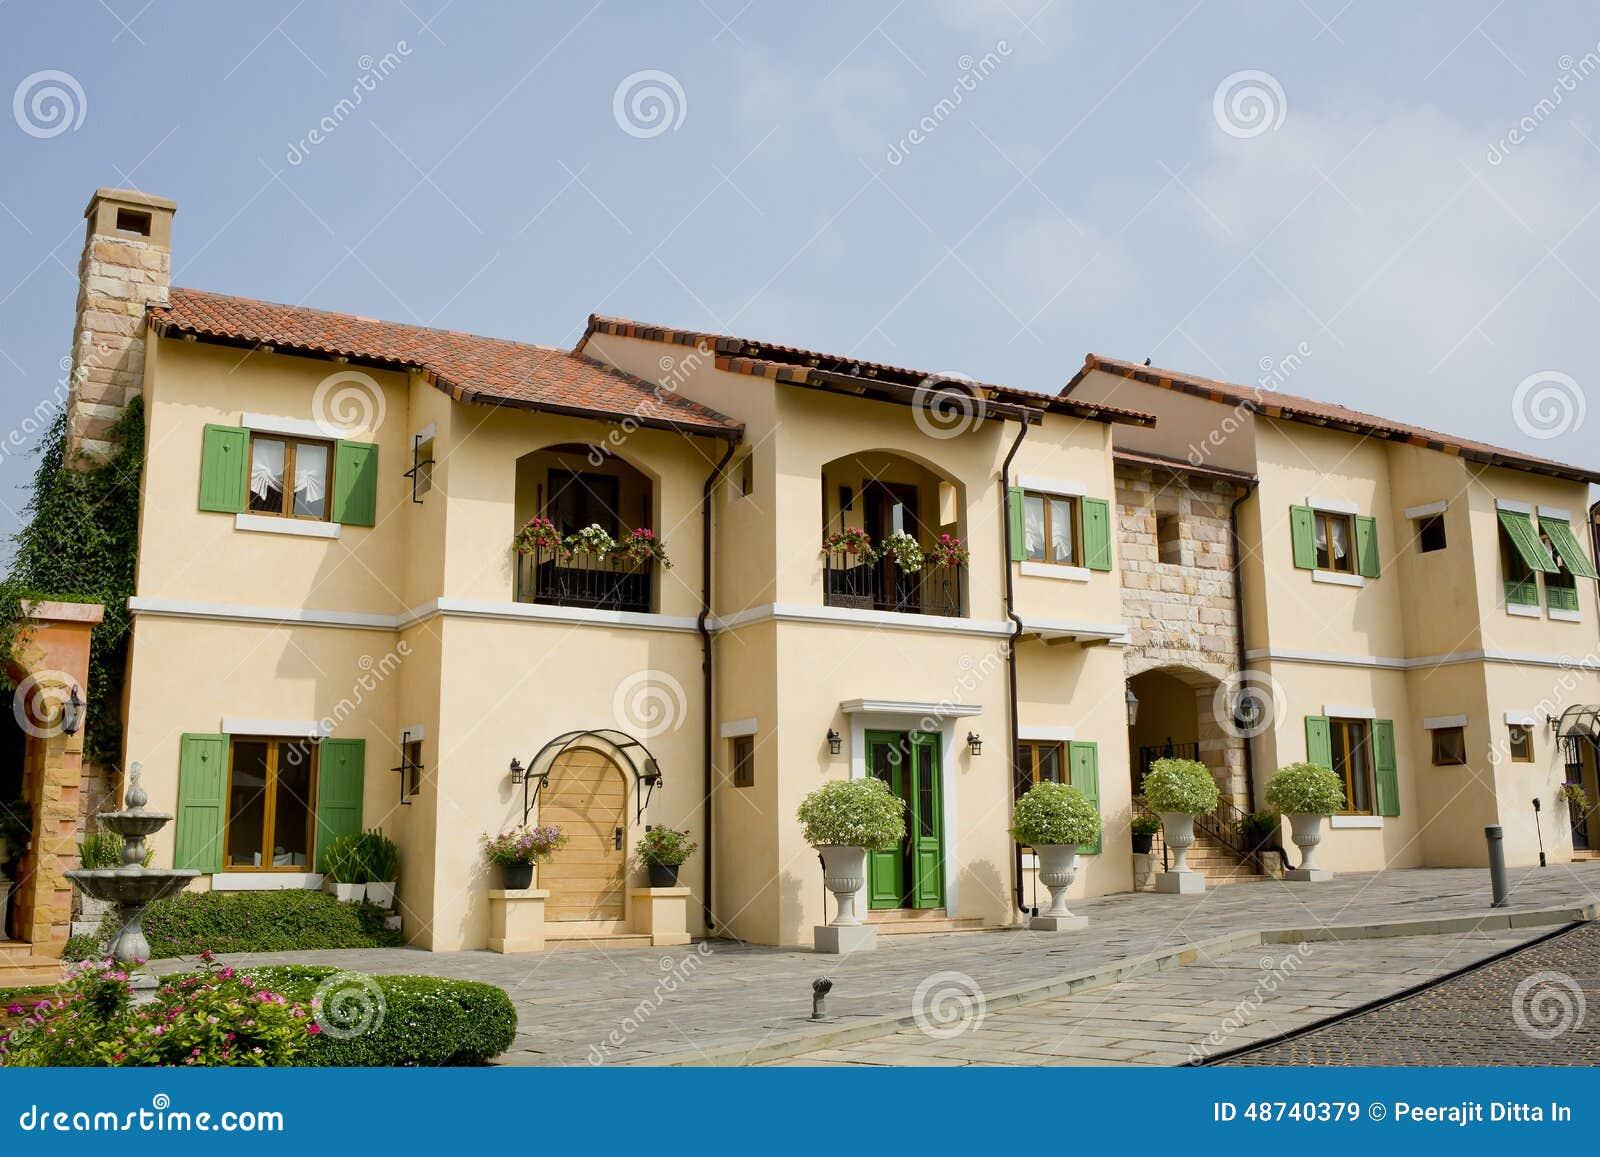 Windows balc n en el estilo de toscana de la casa italia - Casas de estilo italiano ...